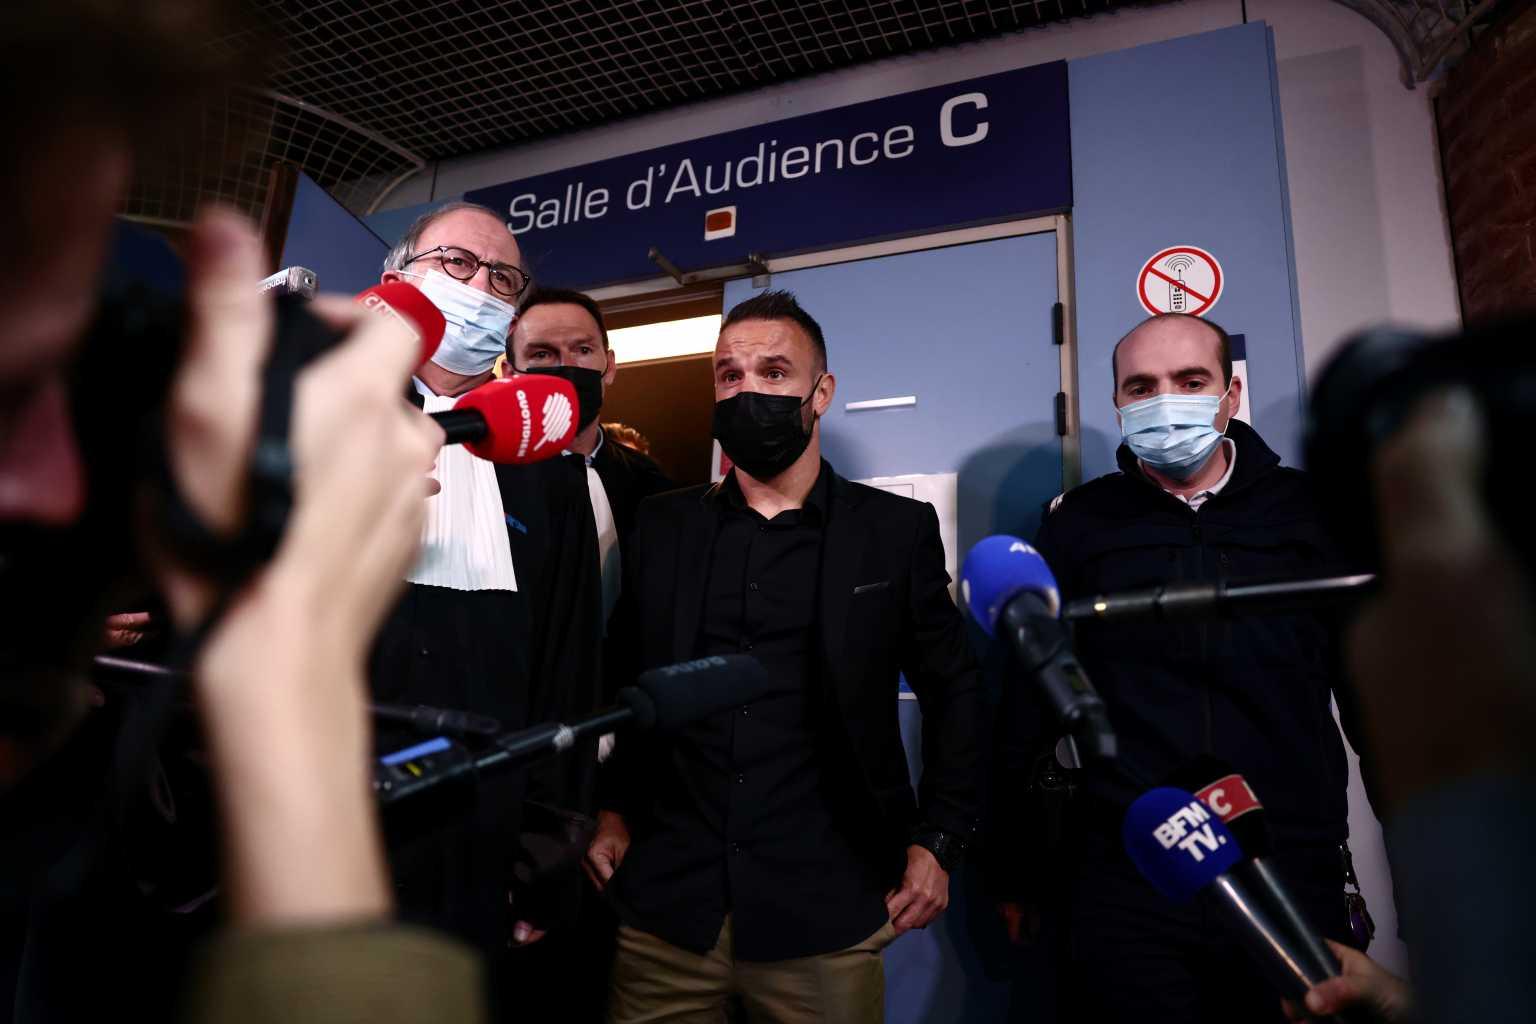 Δίκη Μπενζεμά: «Θύμα των ίδιων του των πράξεών ο Βαλμπουενά» λένε οι εκπρόσωποι του άσου της Ρεάλ